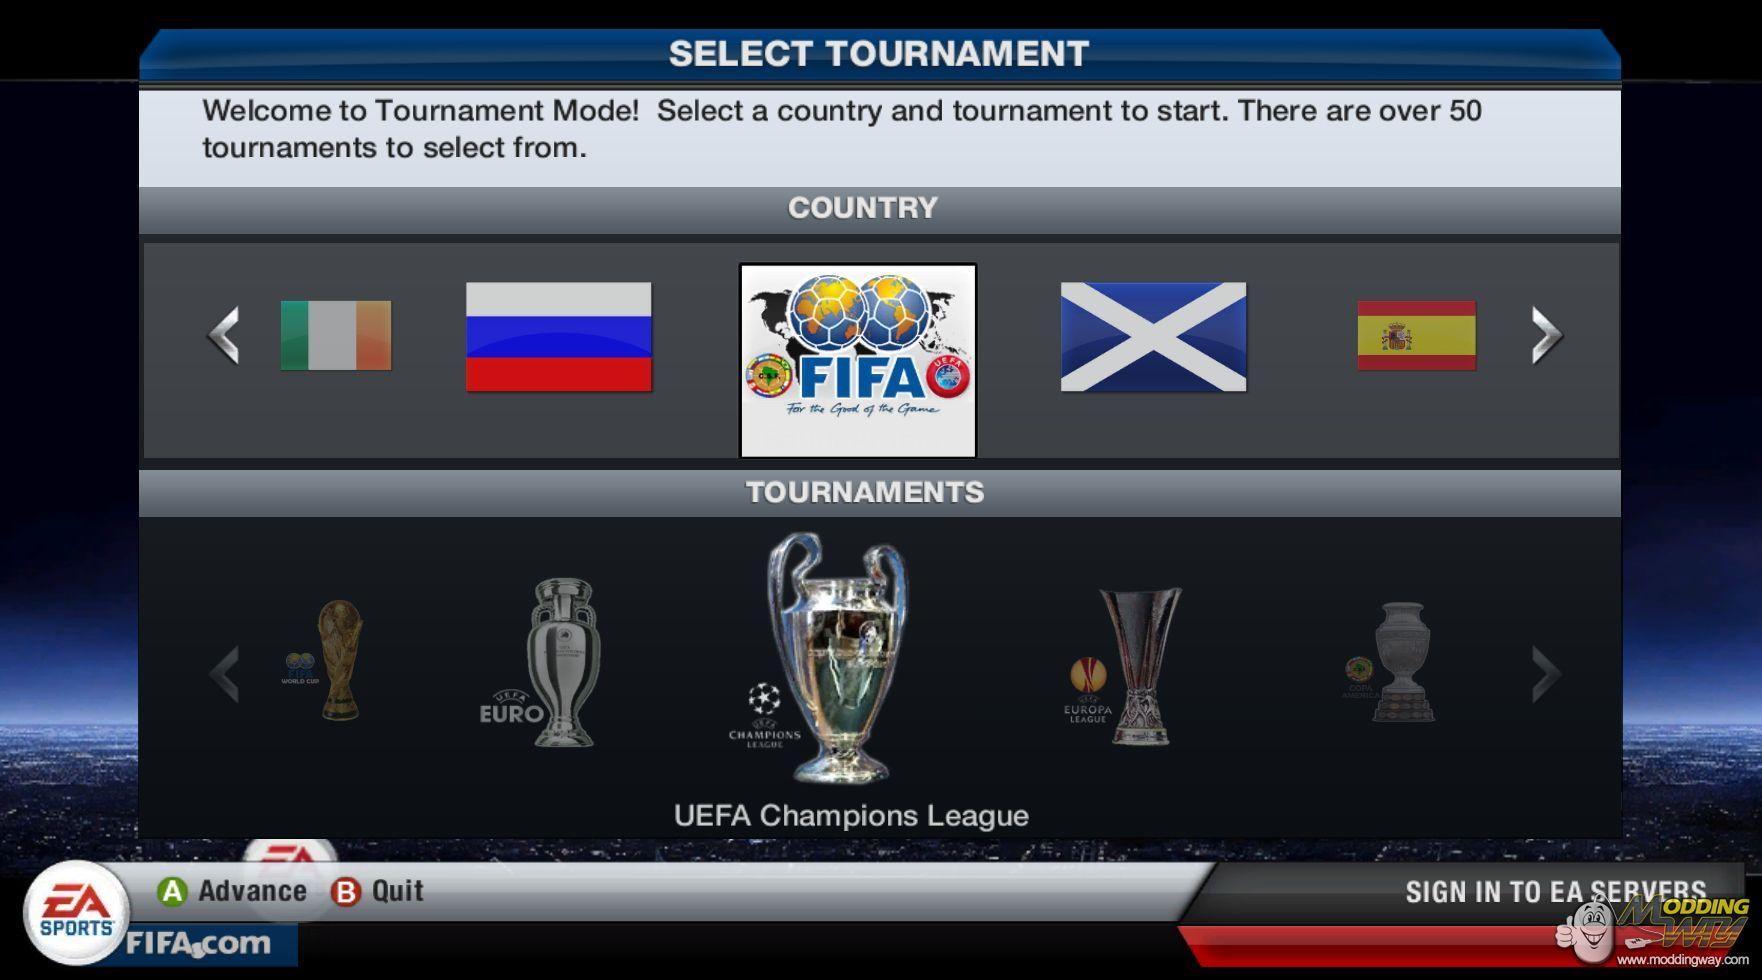 [Aporte] Fifa 13 Actualizacion 2013 Mods + Traspasos + Botin